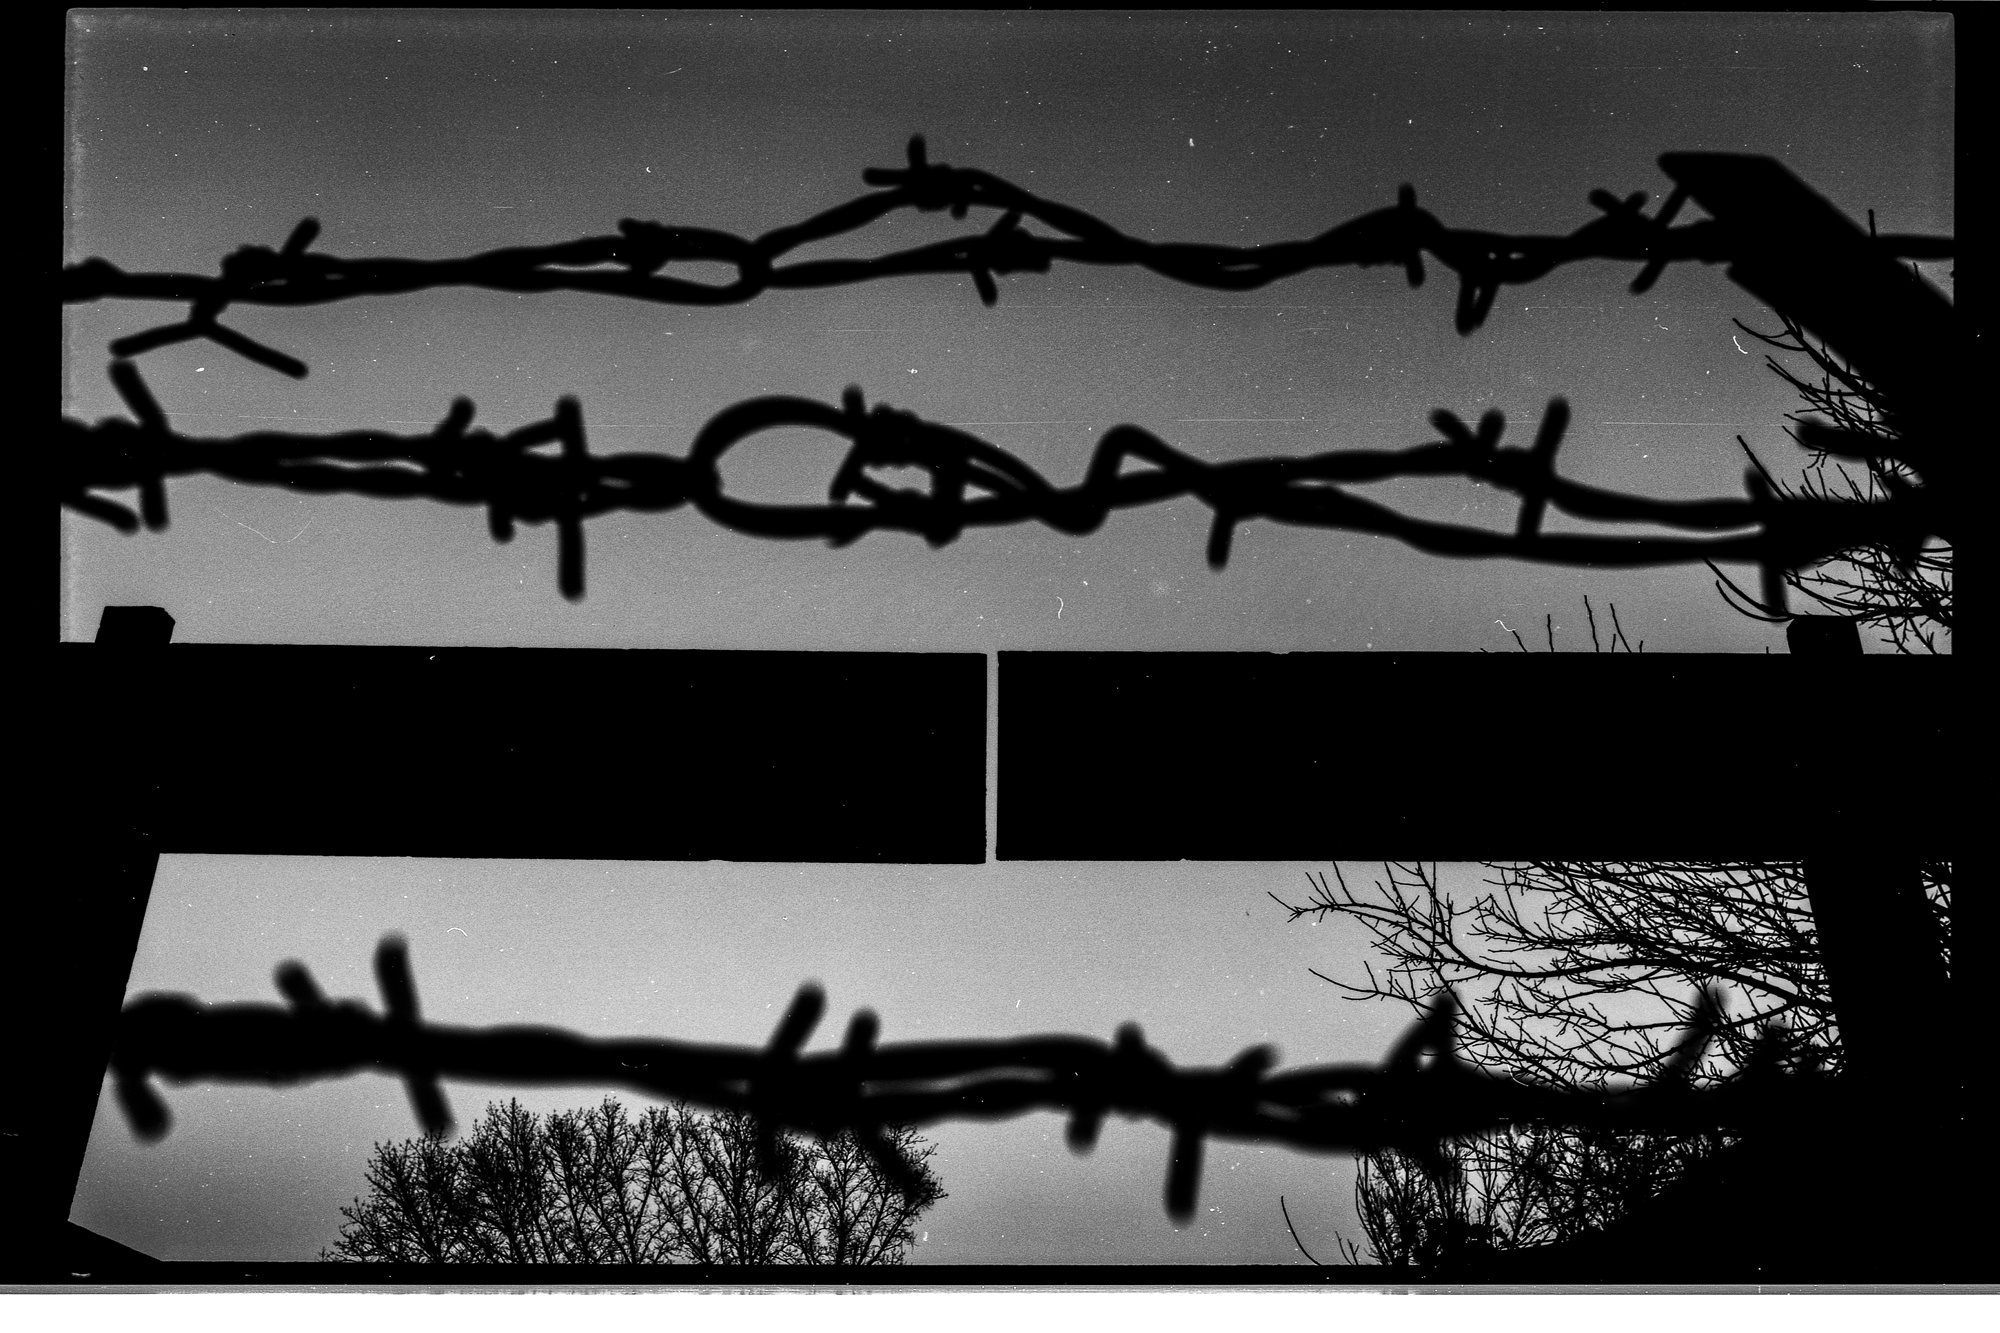 BIELIK István: Részlet A legsötétebb órán című sorozatból / from series The Darkest Hour, 2019